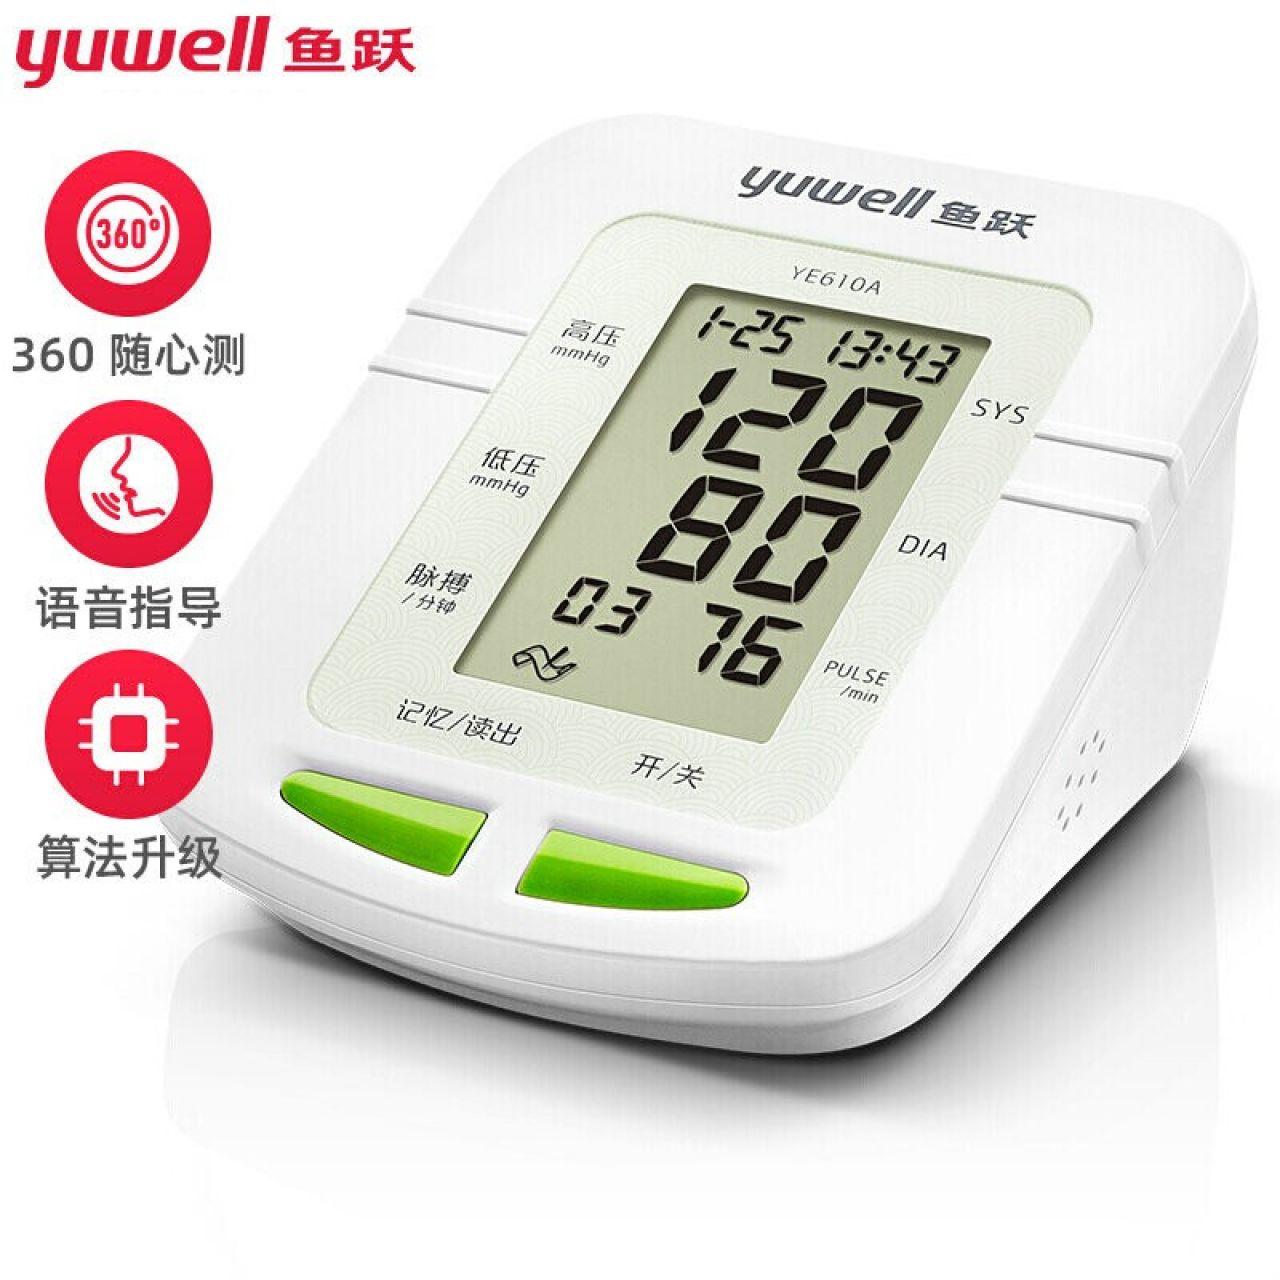 鱼跃 语音电子血压计家用上臂式测血压仪语音全自动 YE610A(语音+360臂)